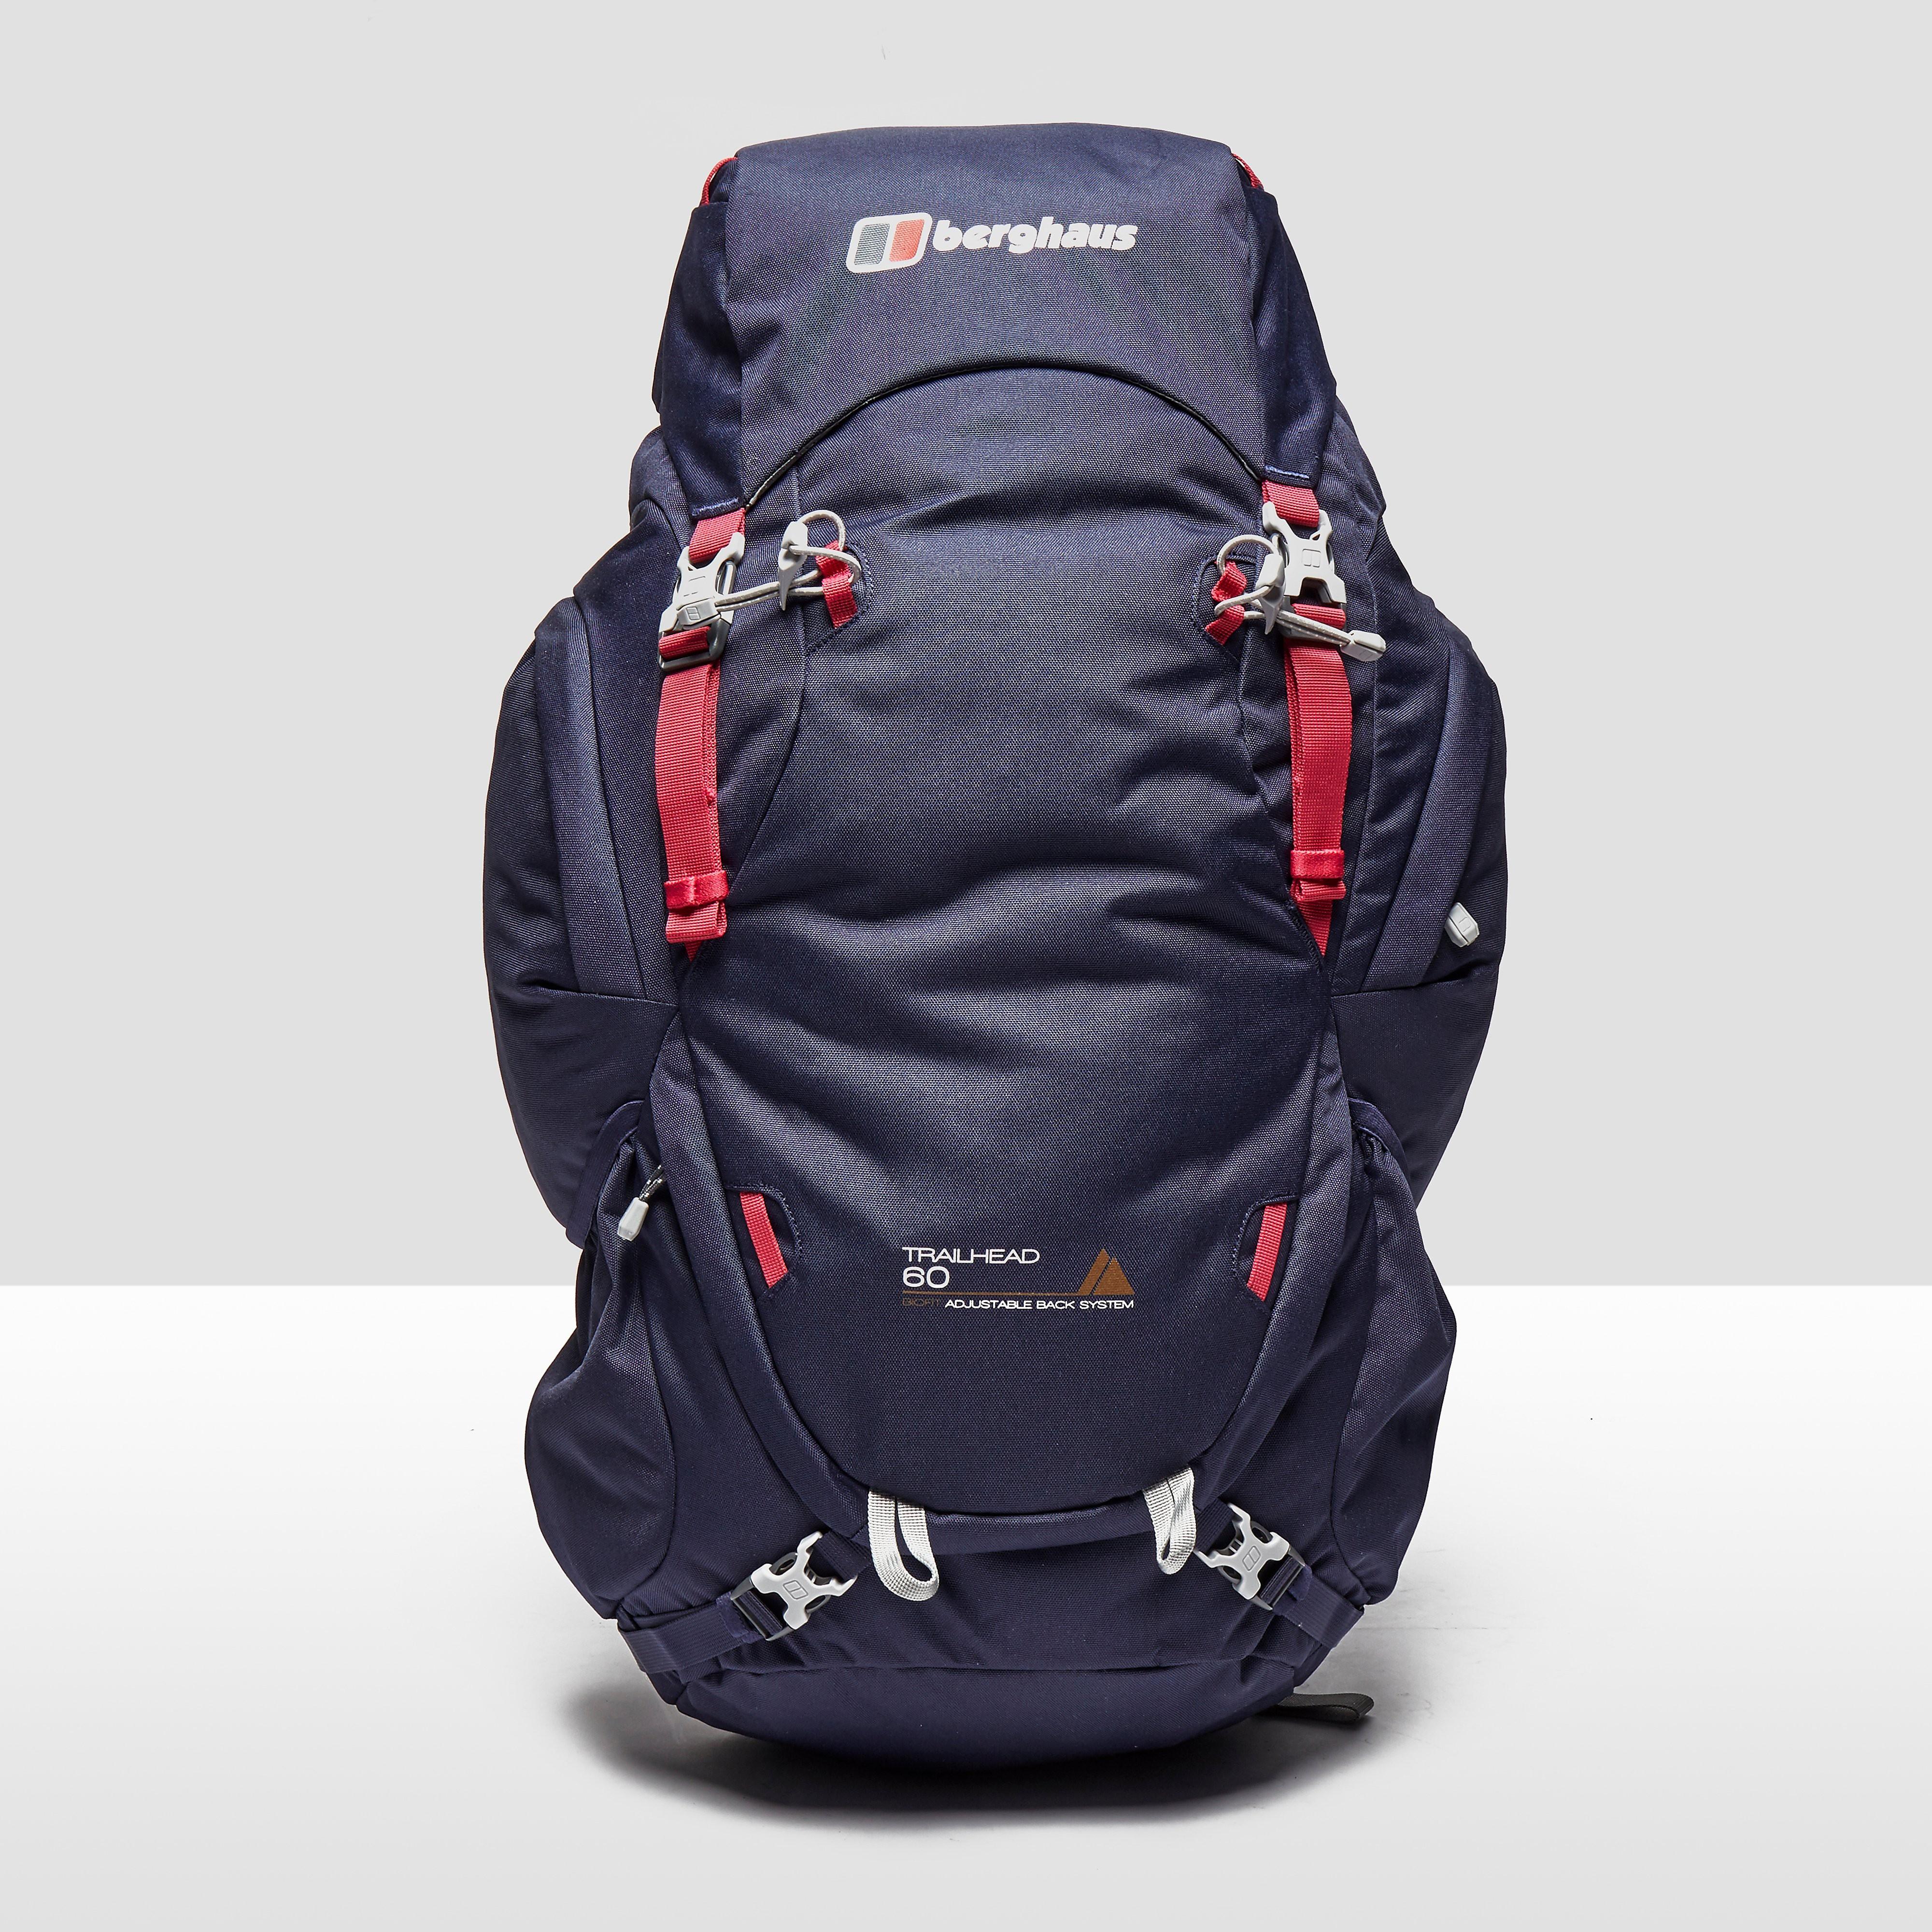 BERGHAUS Trailhead 60 Backpack